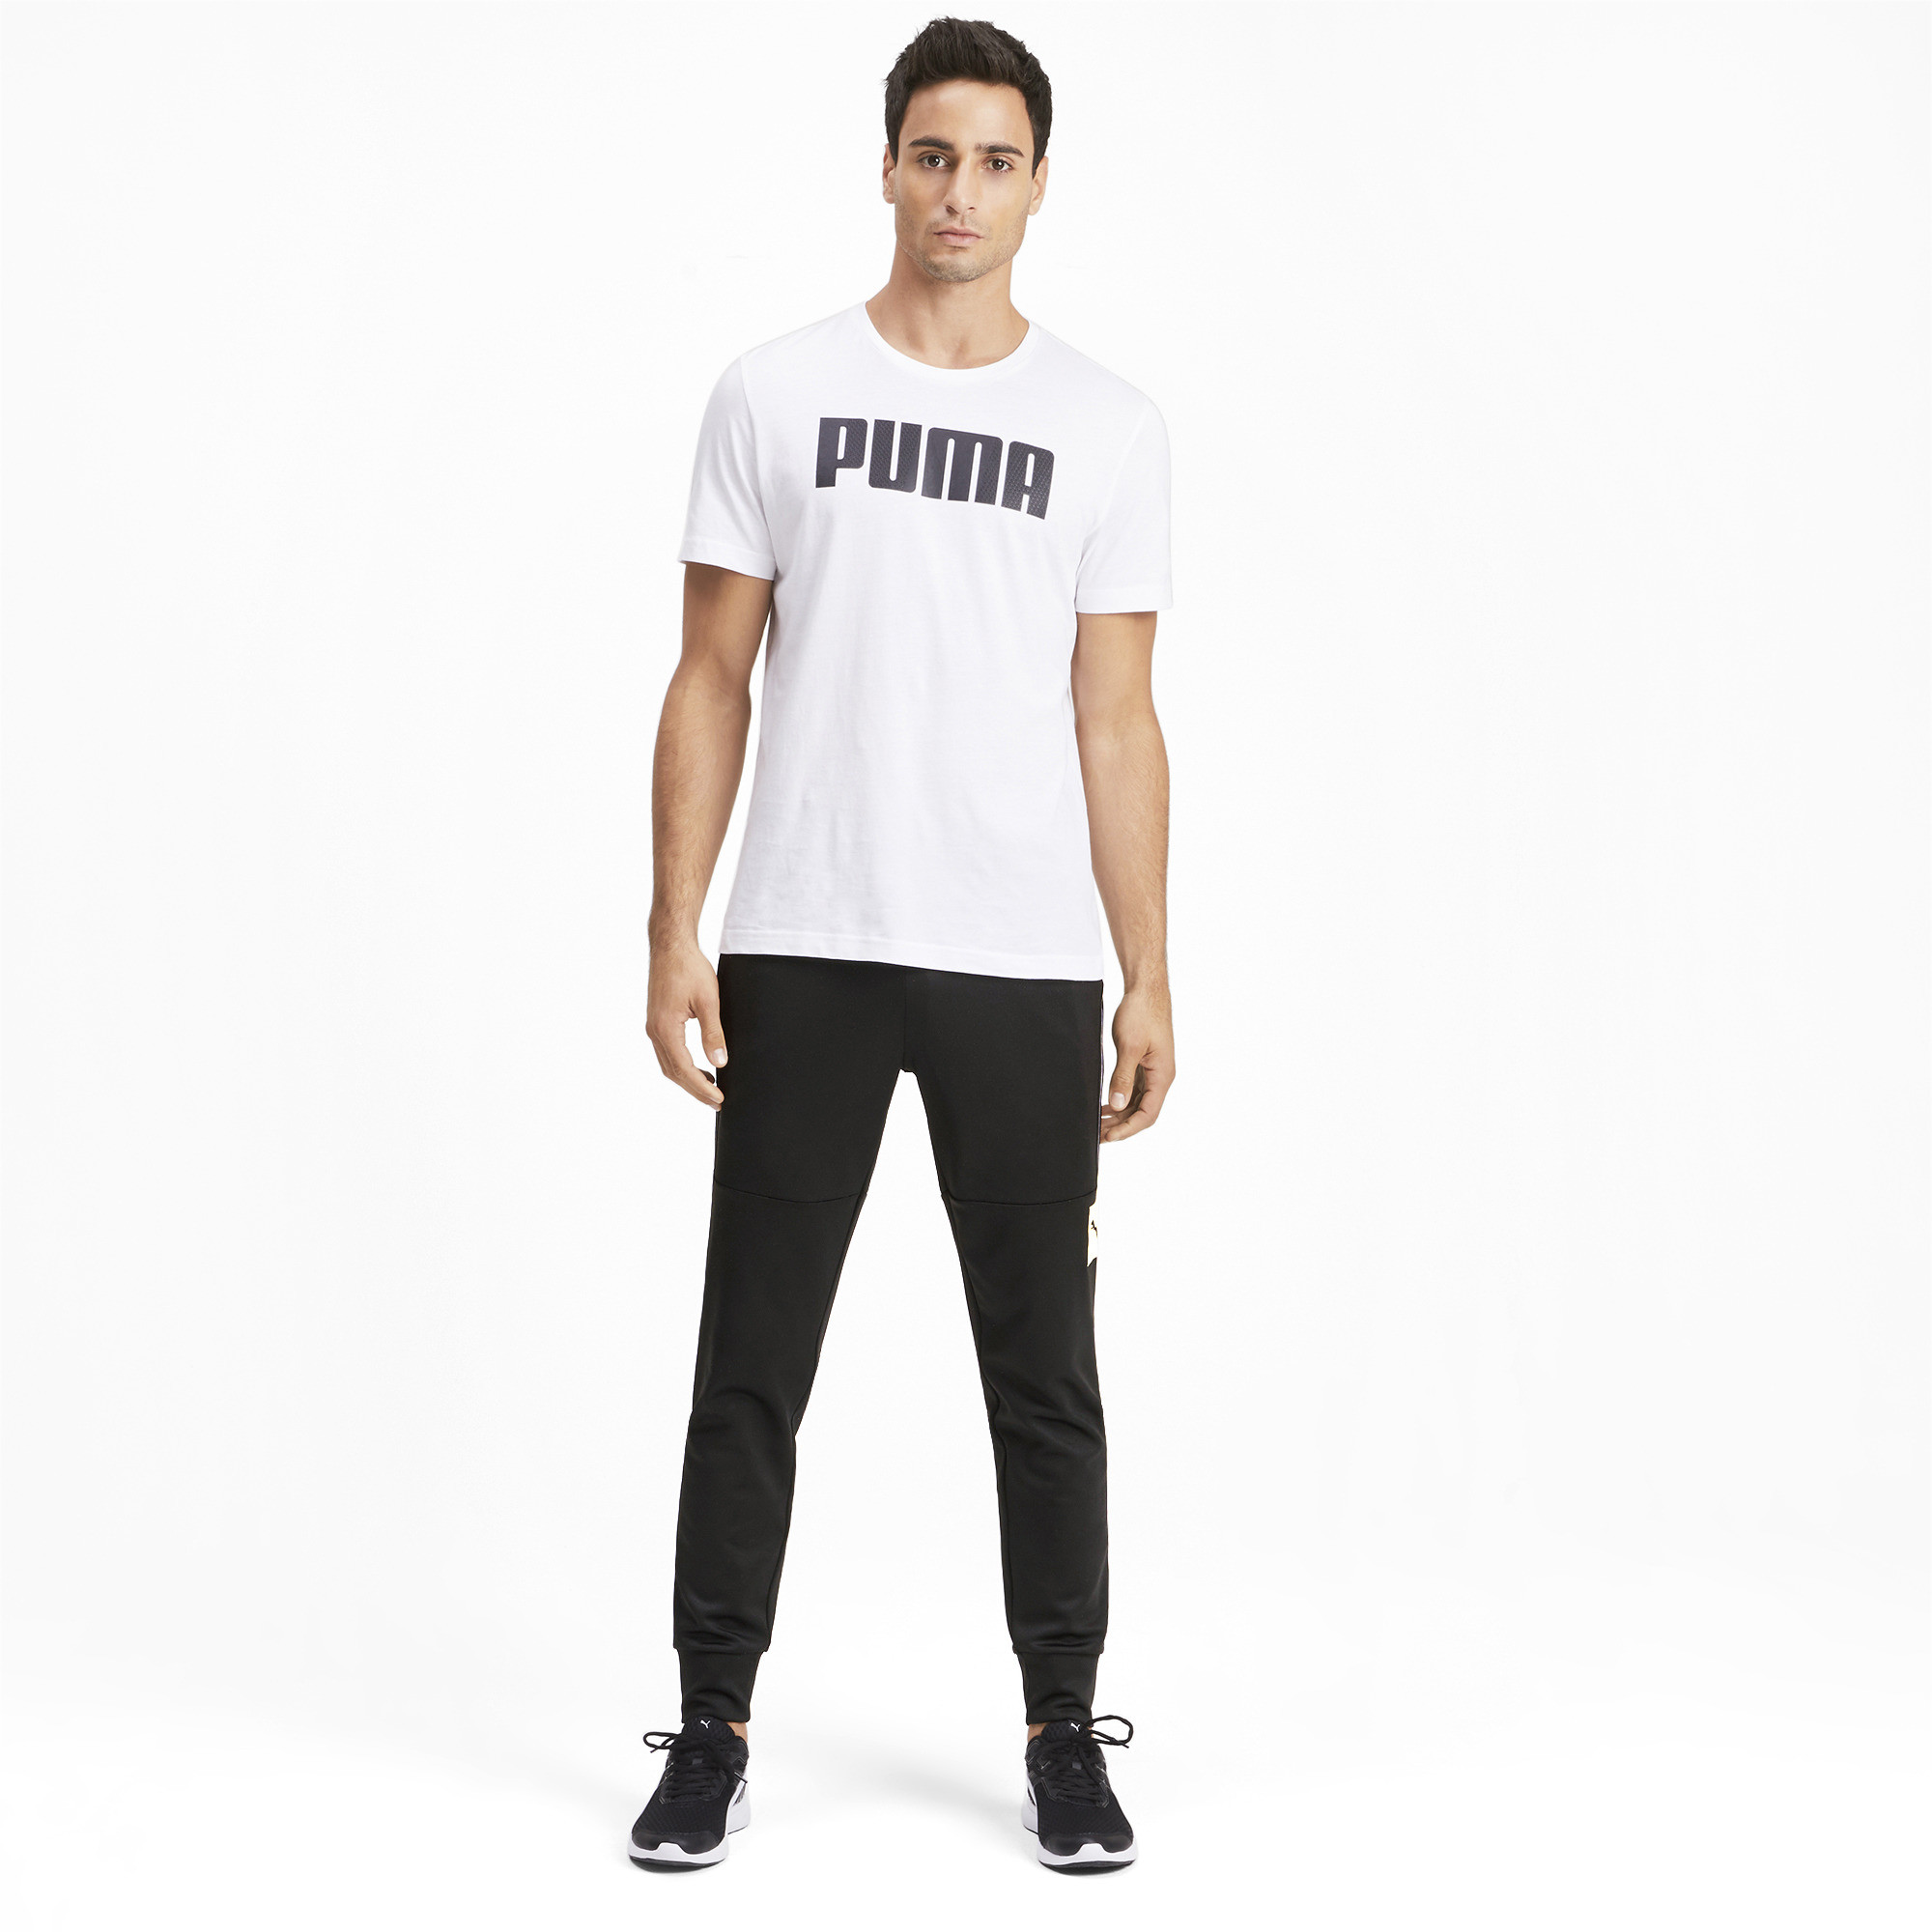 PUMA-Tec-Sports-Men-039-s-Sweatpants-Men-Knitted-Pants-Basics thumbnail 6